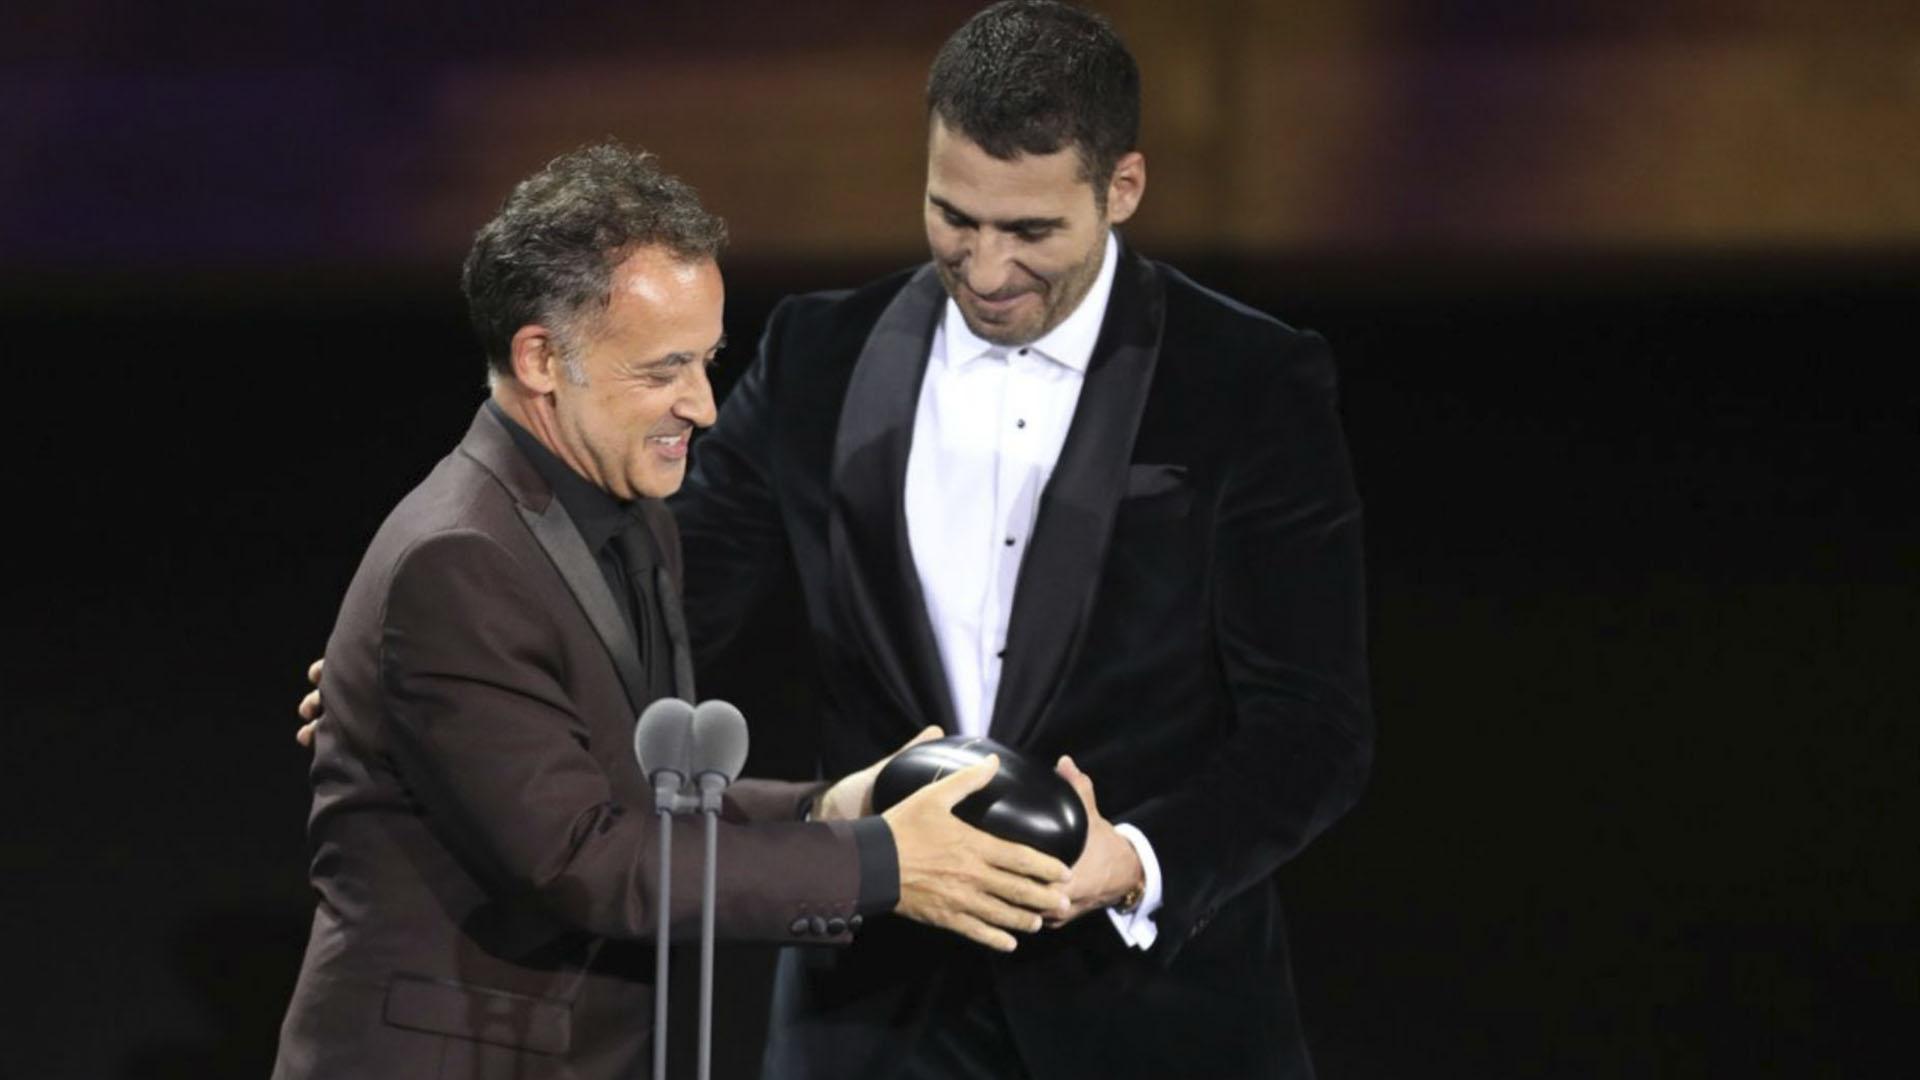 Miguel Ángel Silvestre entregó el primer premio de la noche a Rui Poças. (Foto: Twitter Premios Fénix)